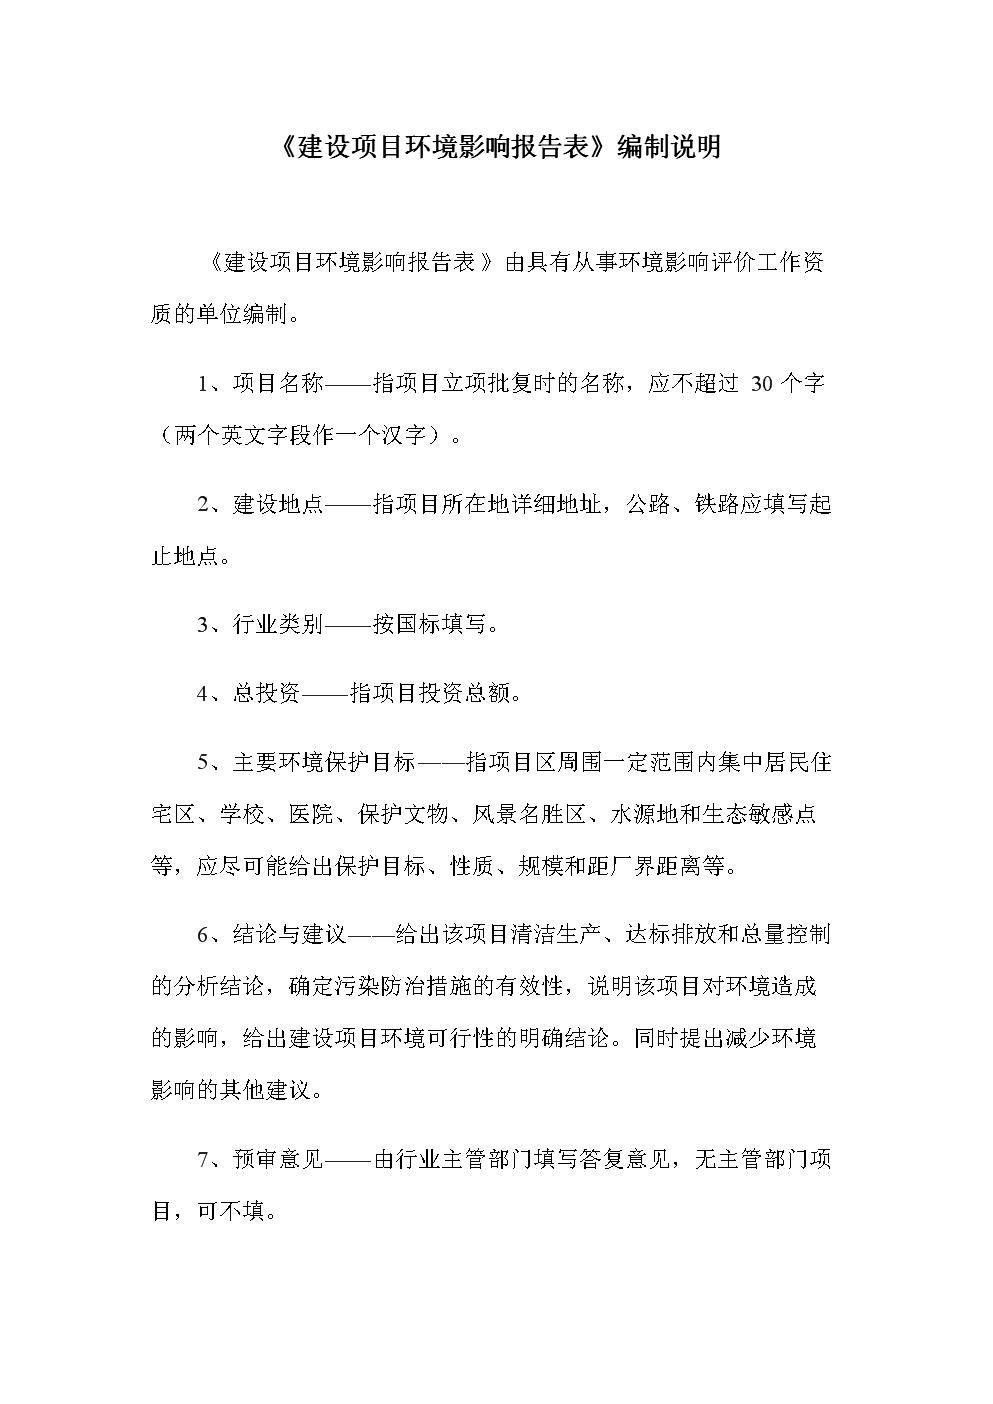 年产2亿支无尘粉笔建设项目(庆和文具公司)环境影响报告.docx